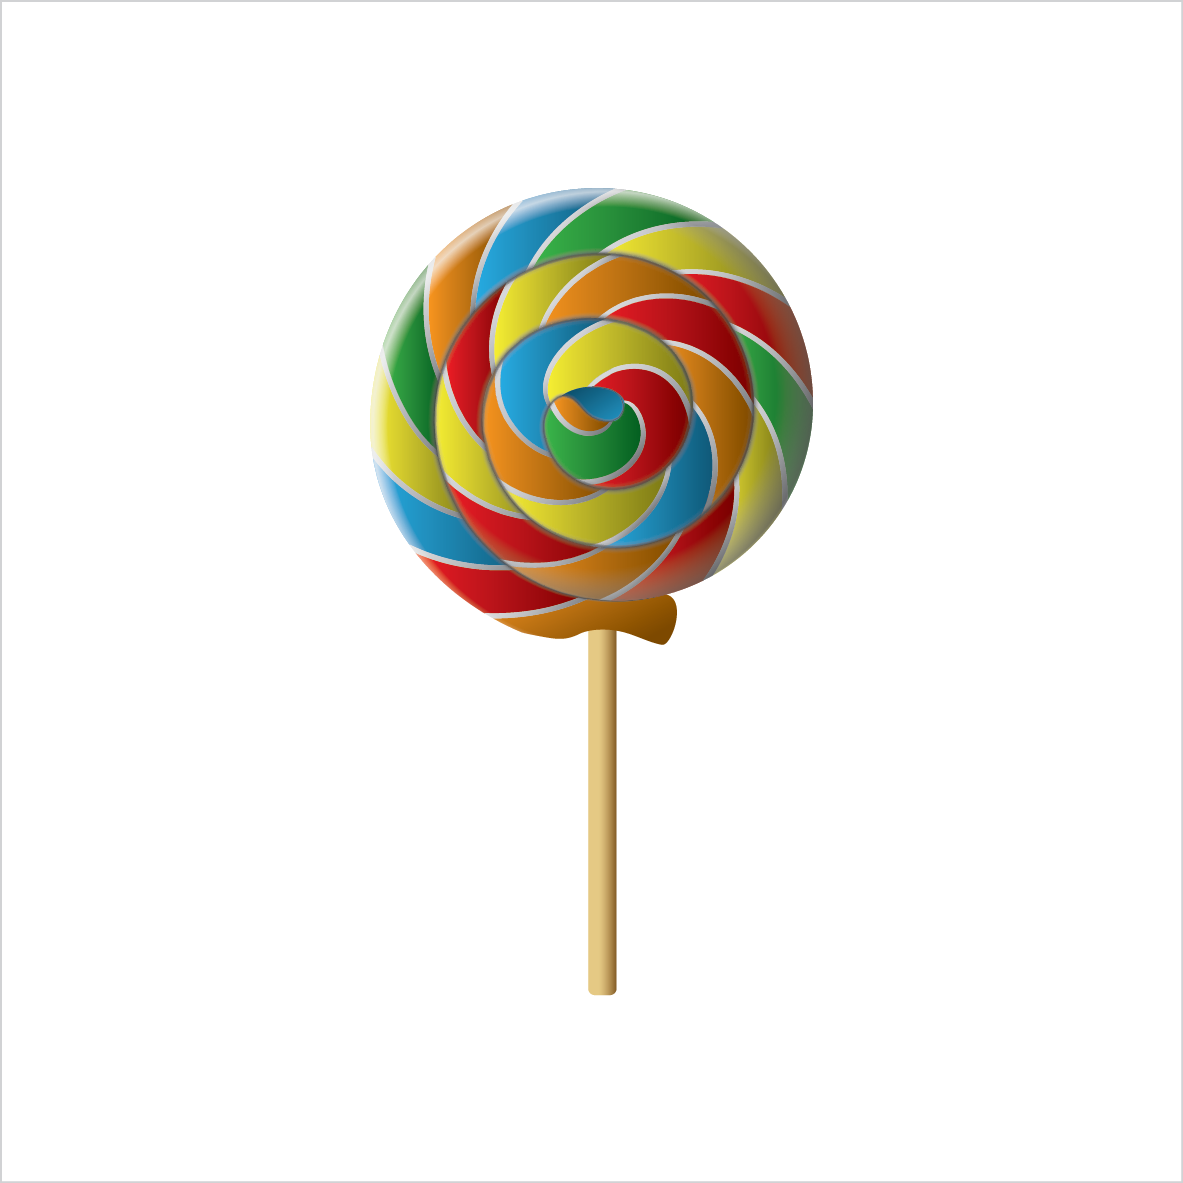 롤리팝_lollipop.eps 색연필, 배경